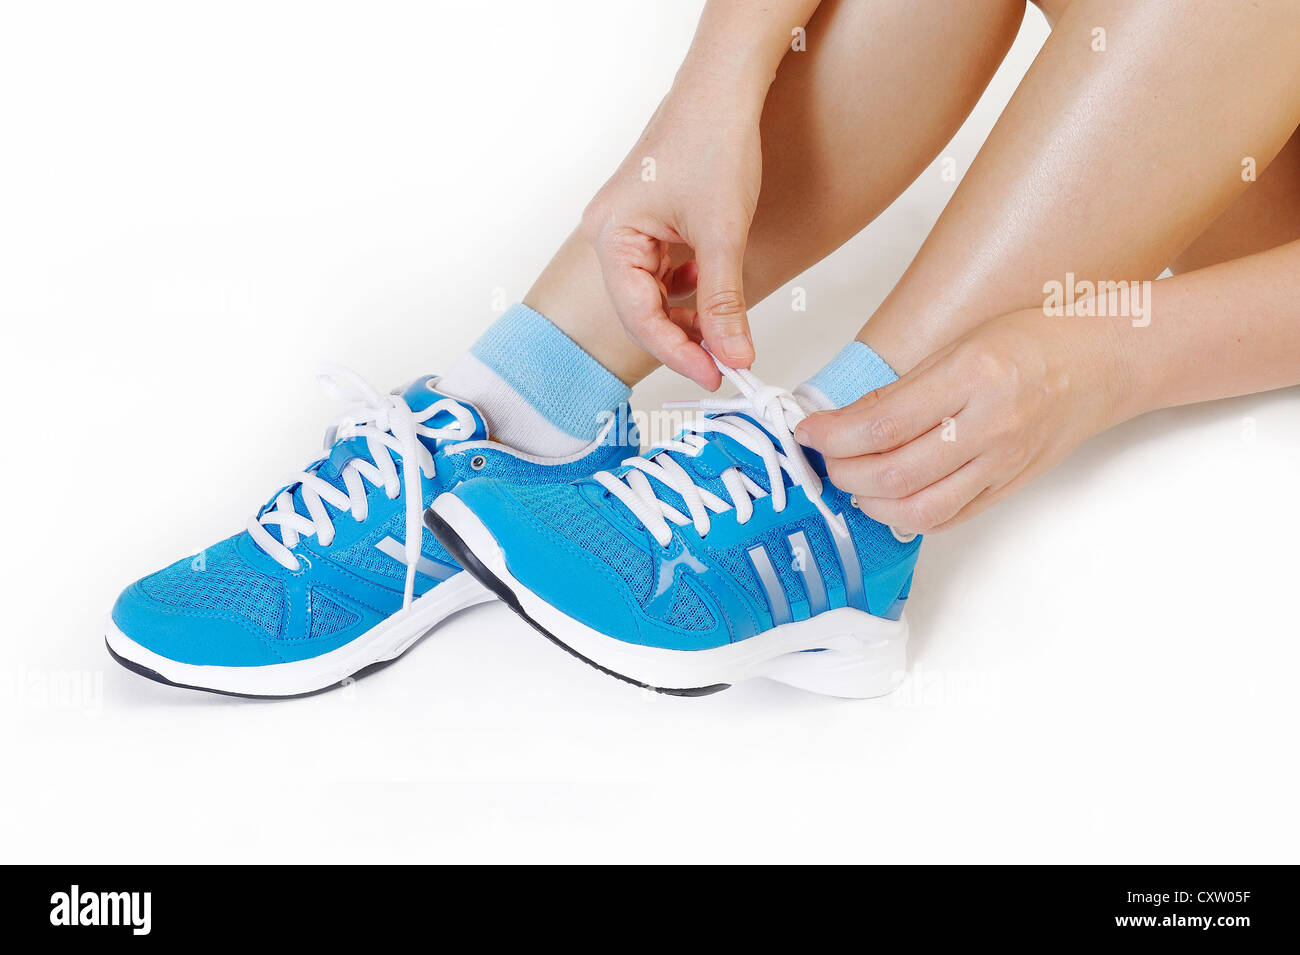 Fille de l'athlète d'essayer des chaussures de course Photo Stock